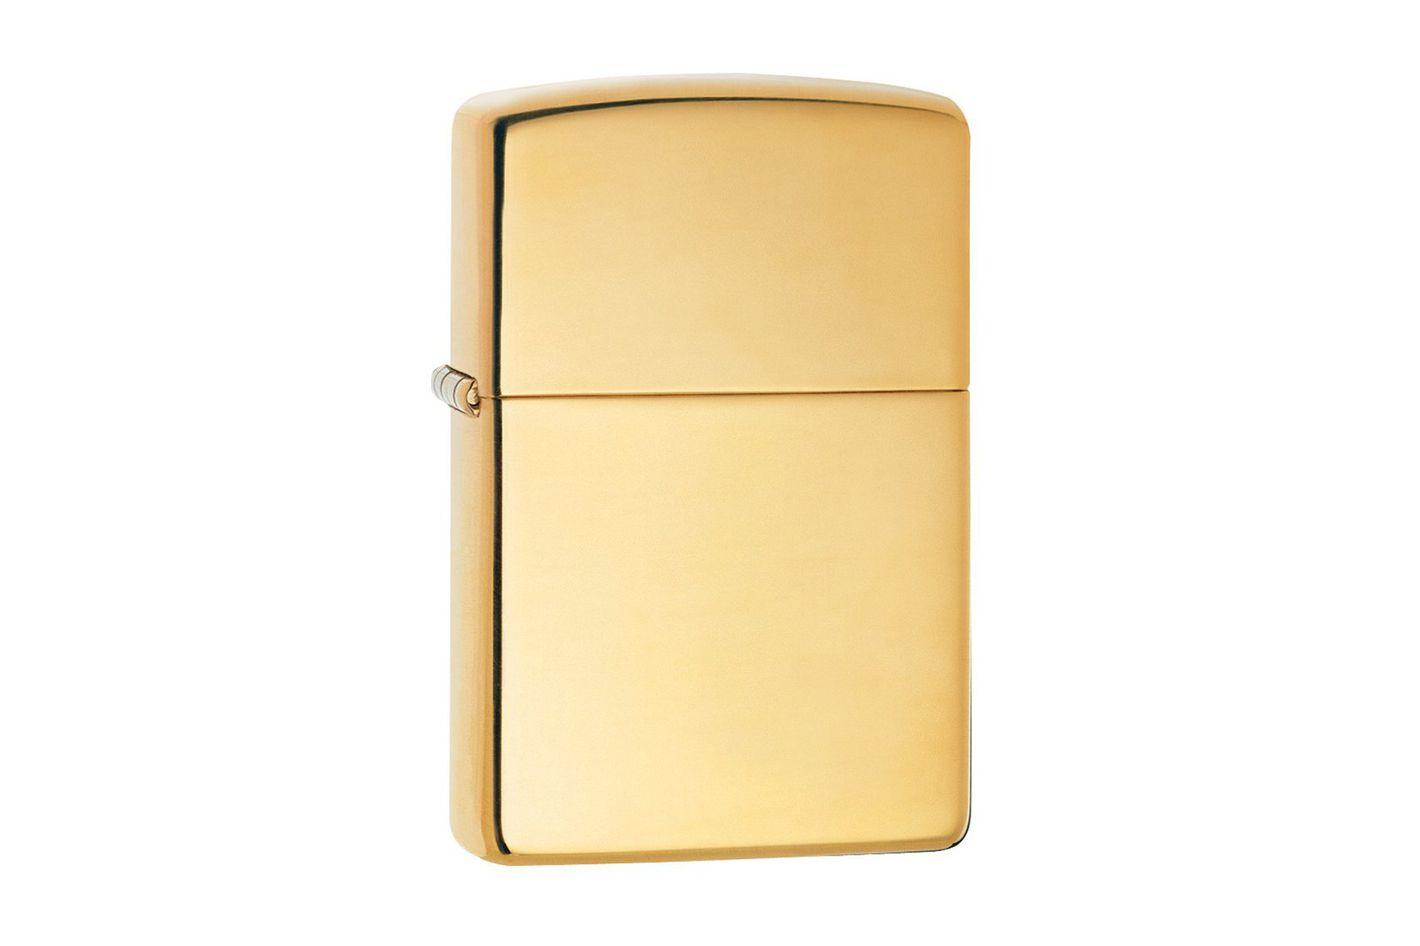 Zippo Brass Lighter